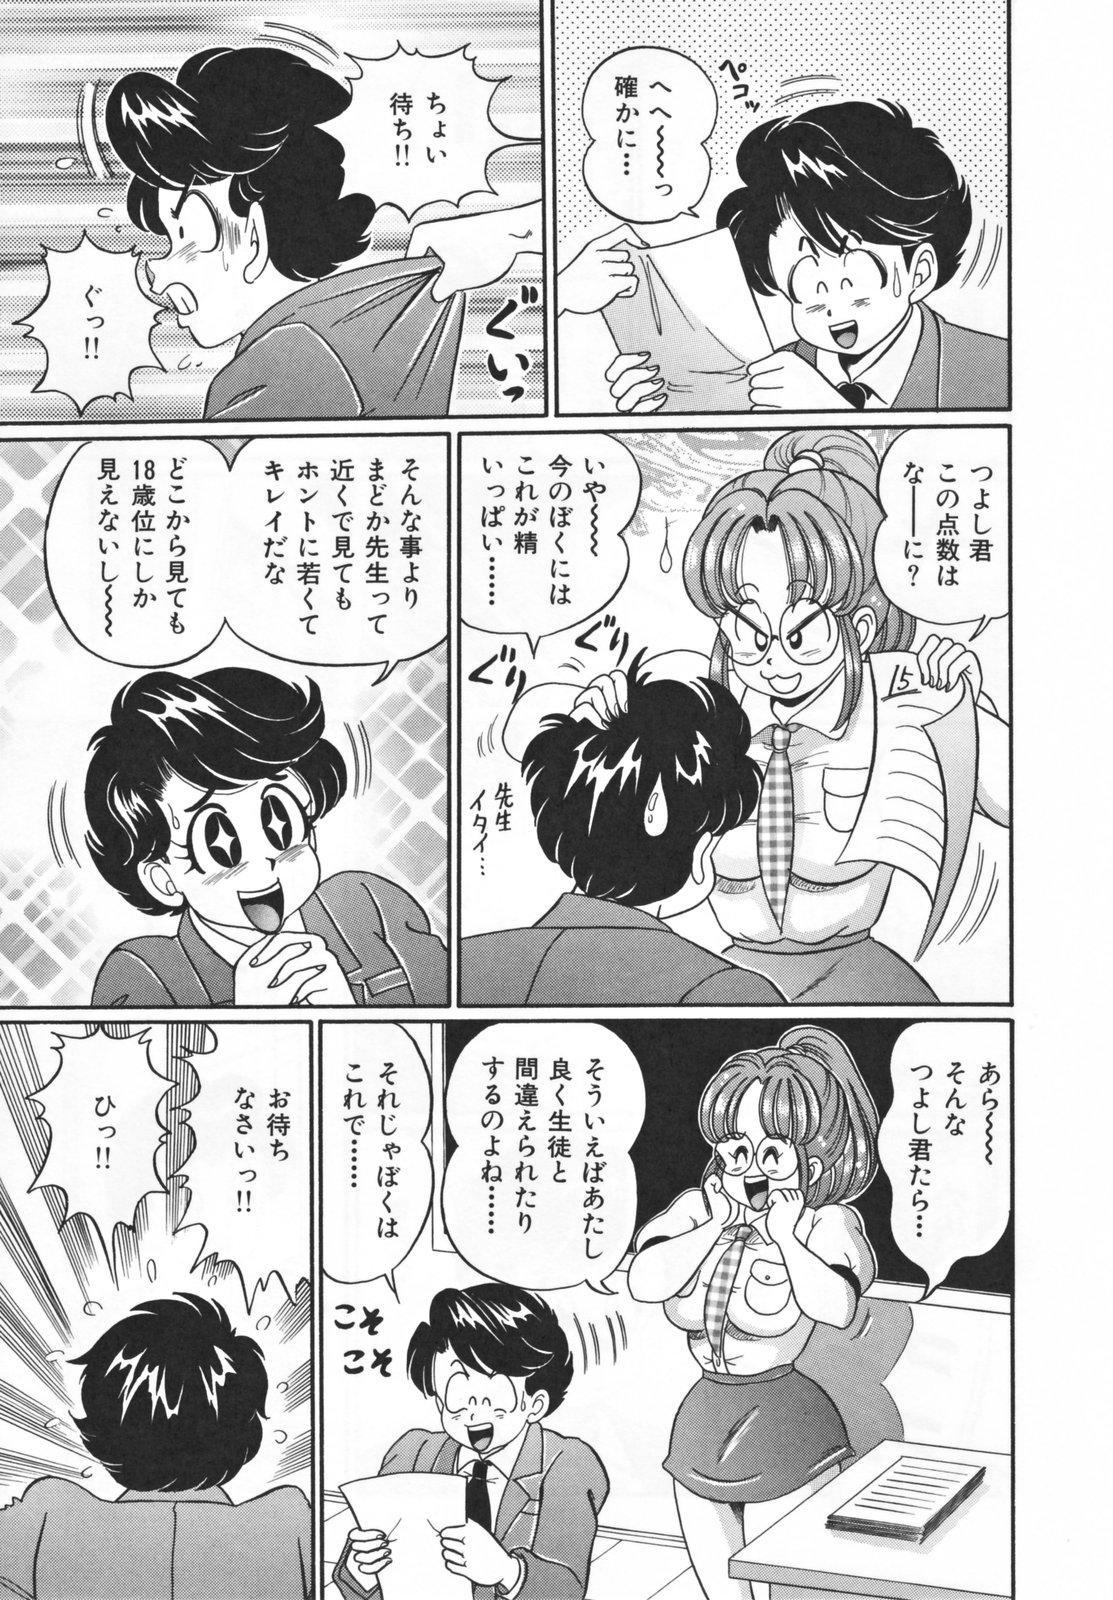 Houkago no Bakunyuu Hatsutaiken 142